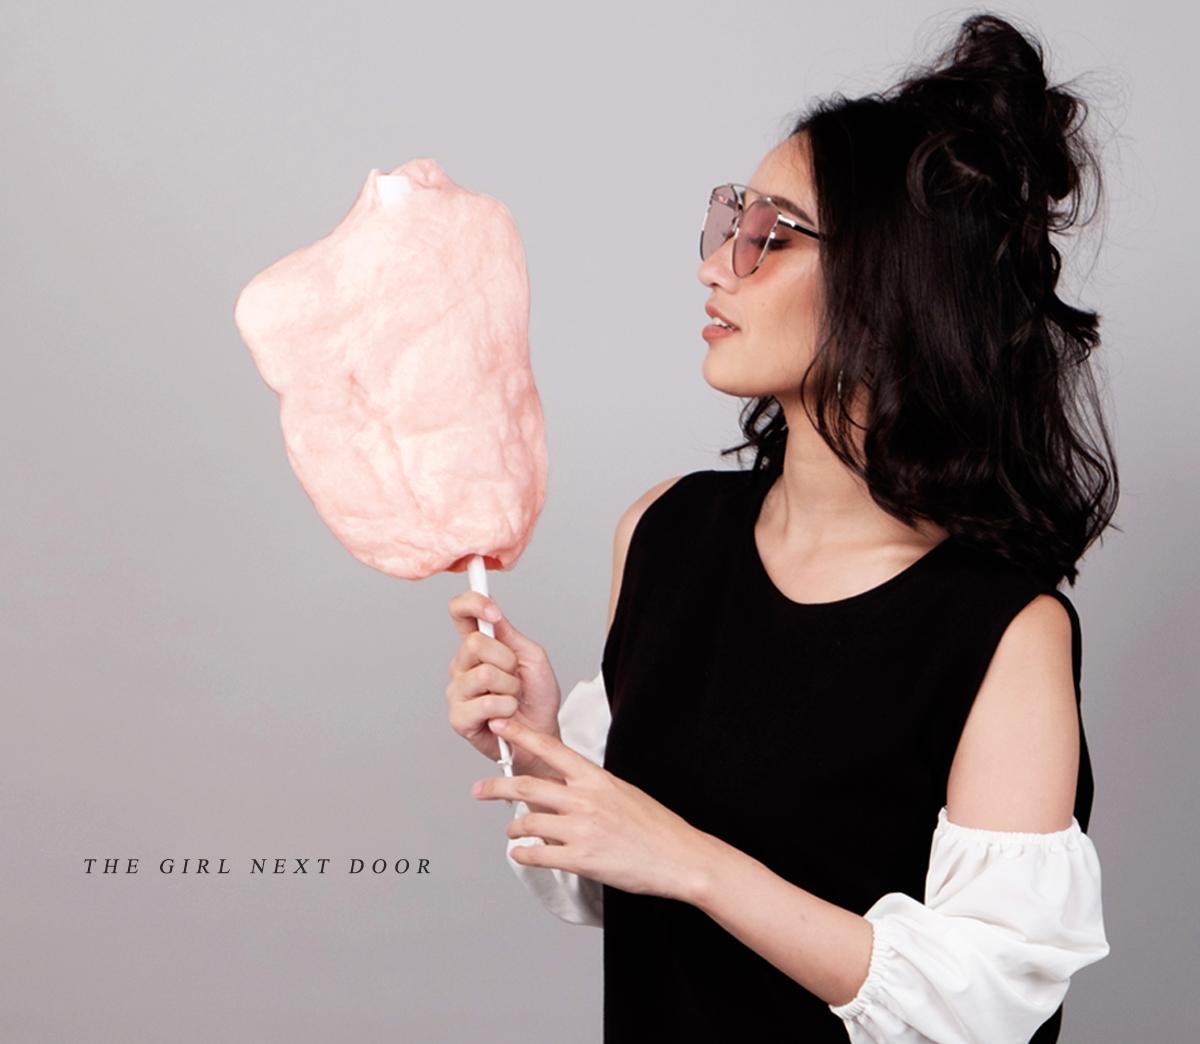 The Girl Next Door - Summer 2017